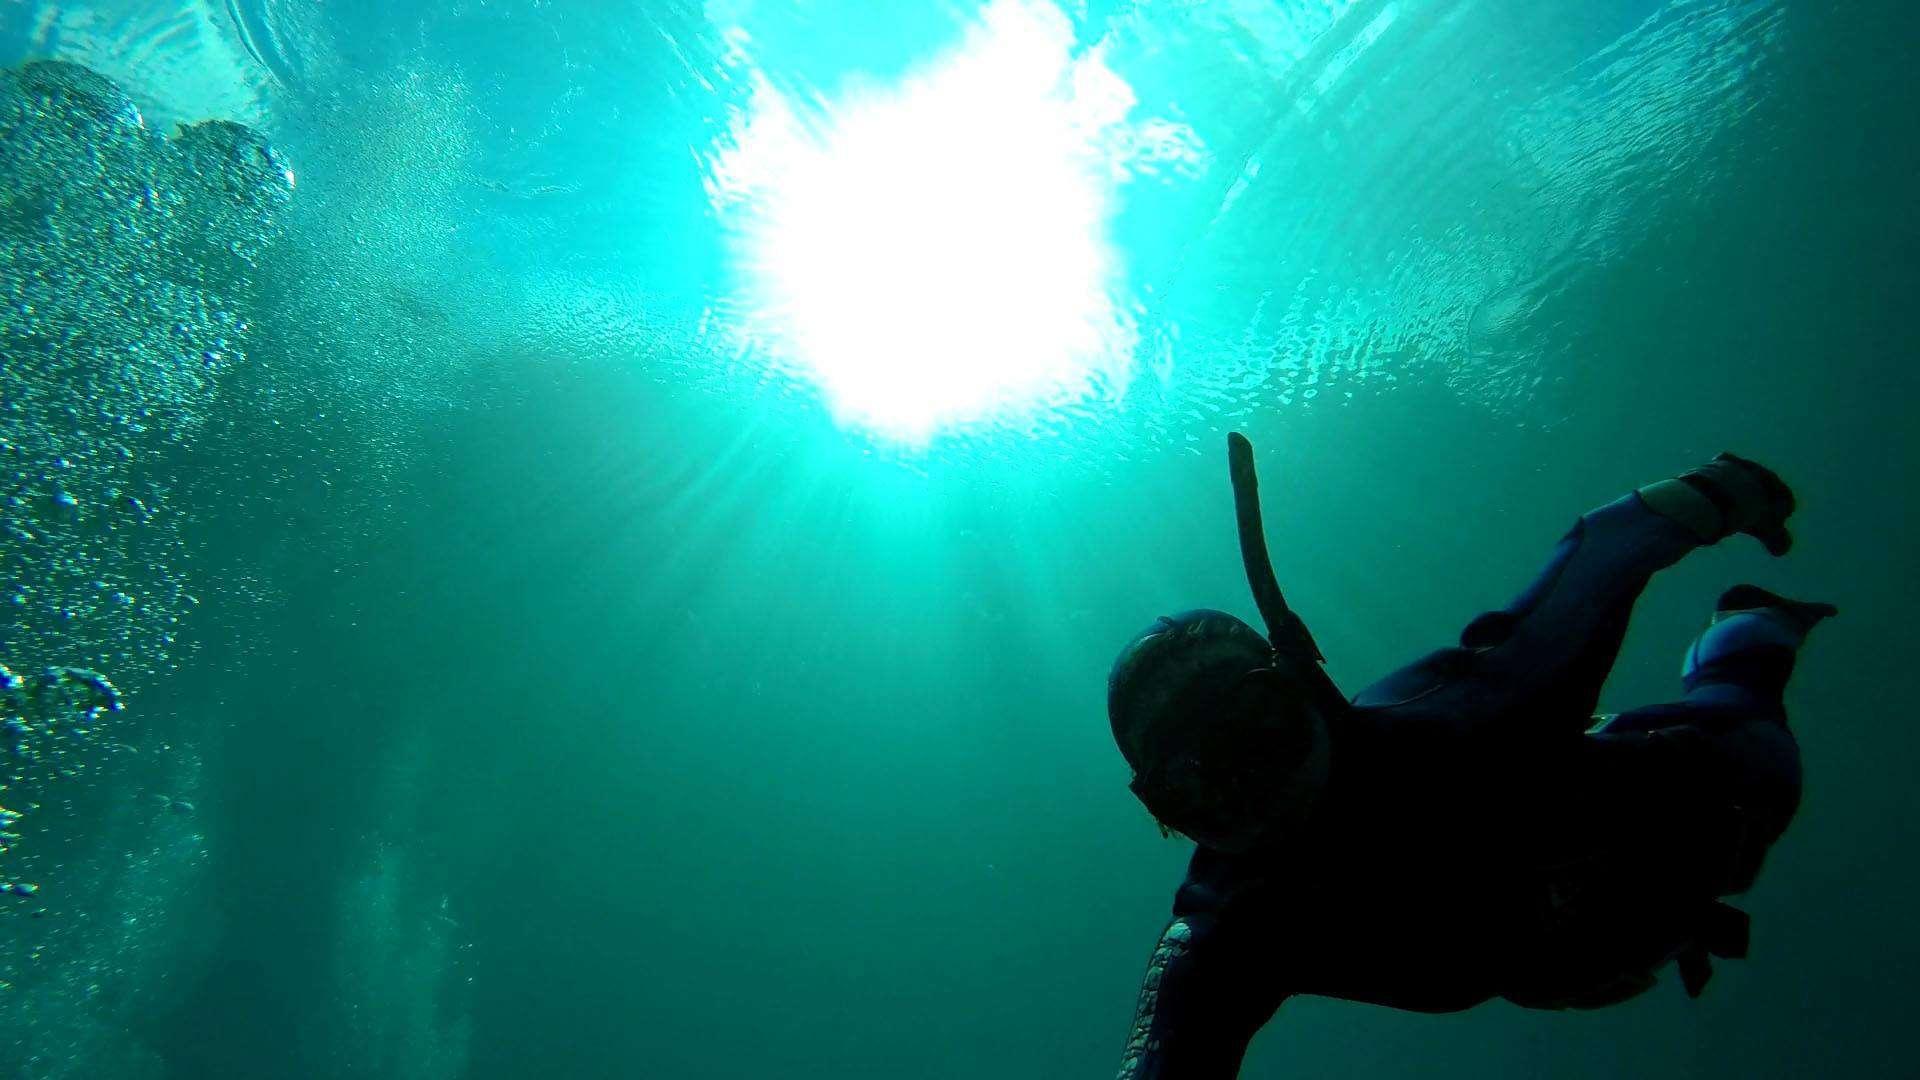 Freediver in Gruner See - Austria